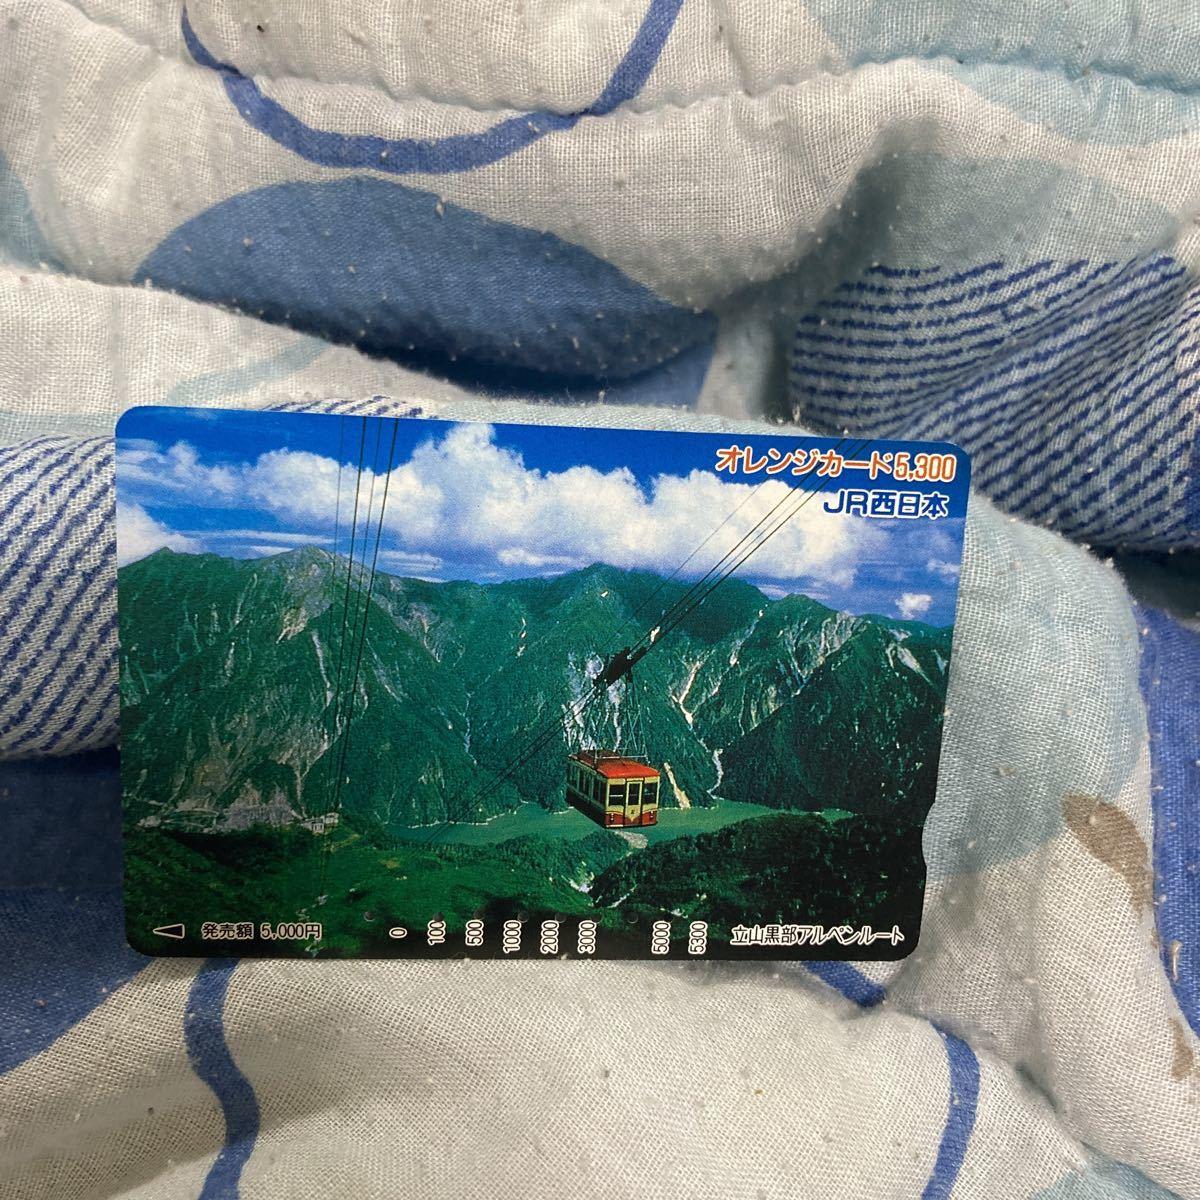 オレンジカード使用済み 5300円券JR西日本立山黒部アルペンルートロープウェイ_画像1